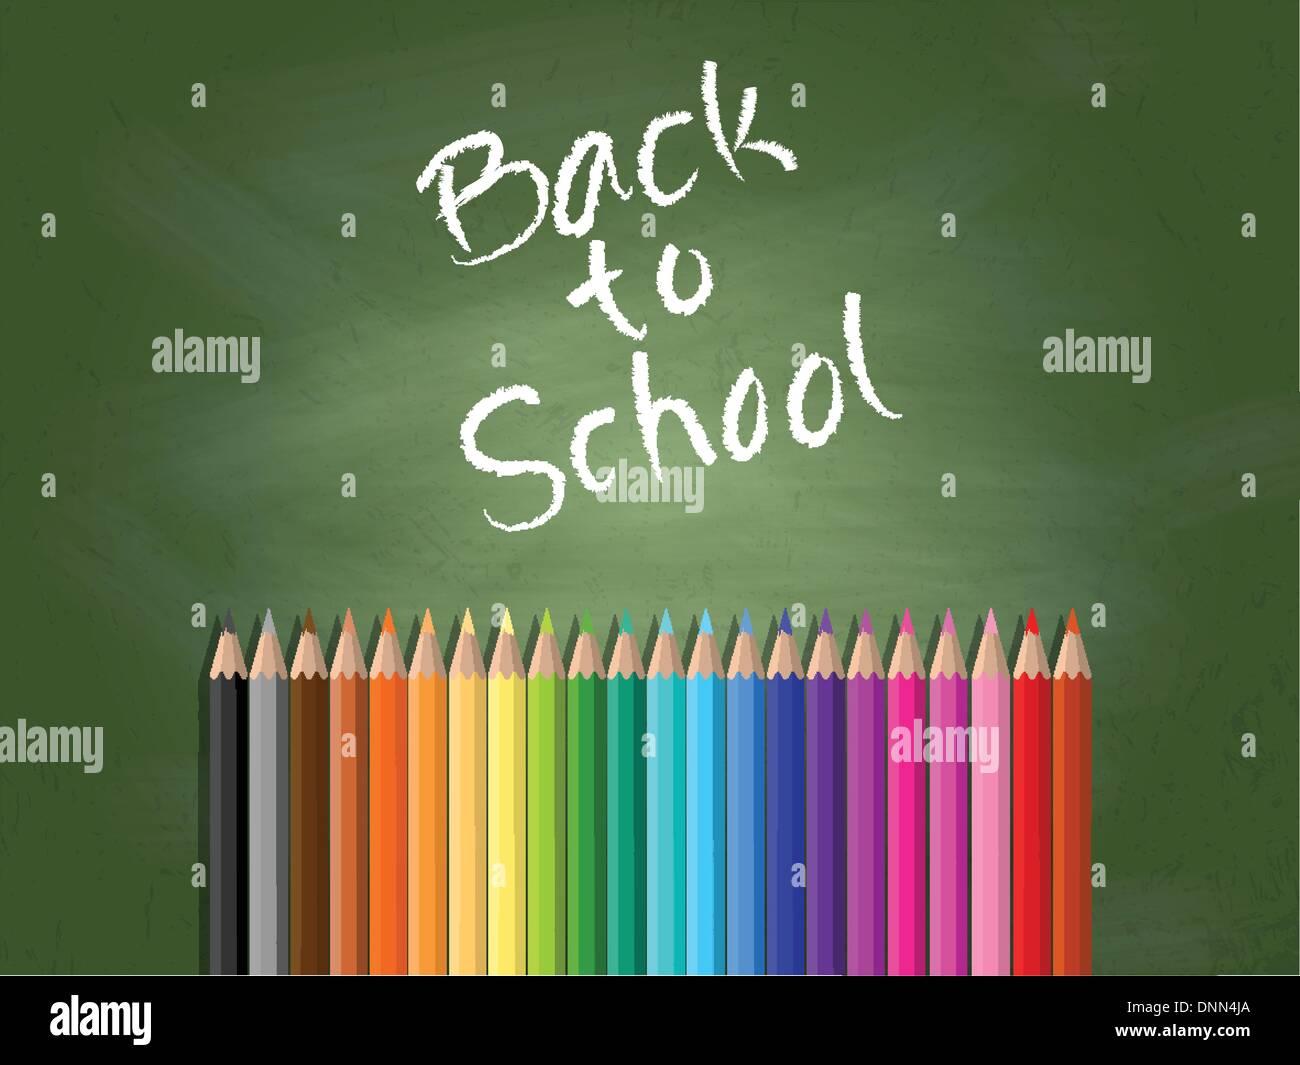 Back to school fondo con pizarra y lápices de colores Imagen De Stock